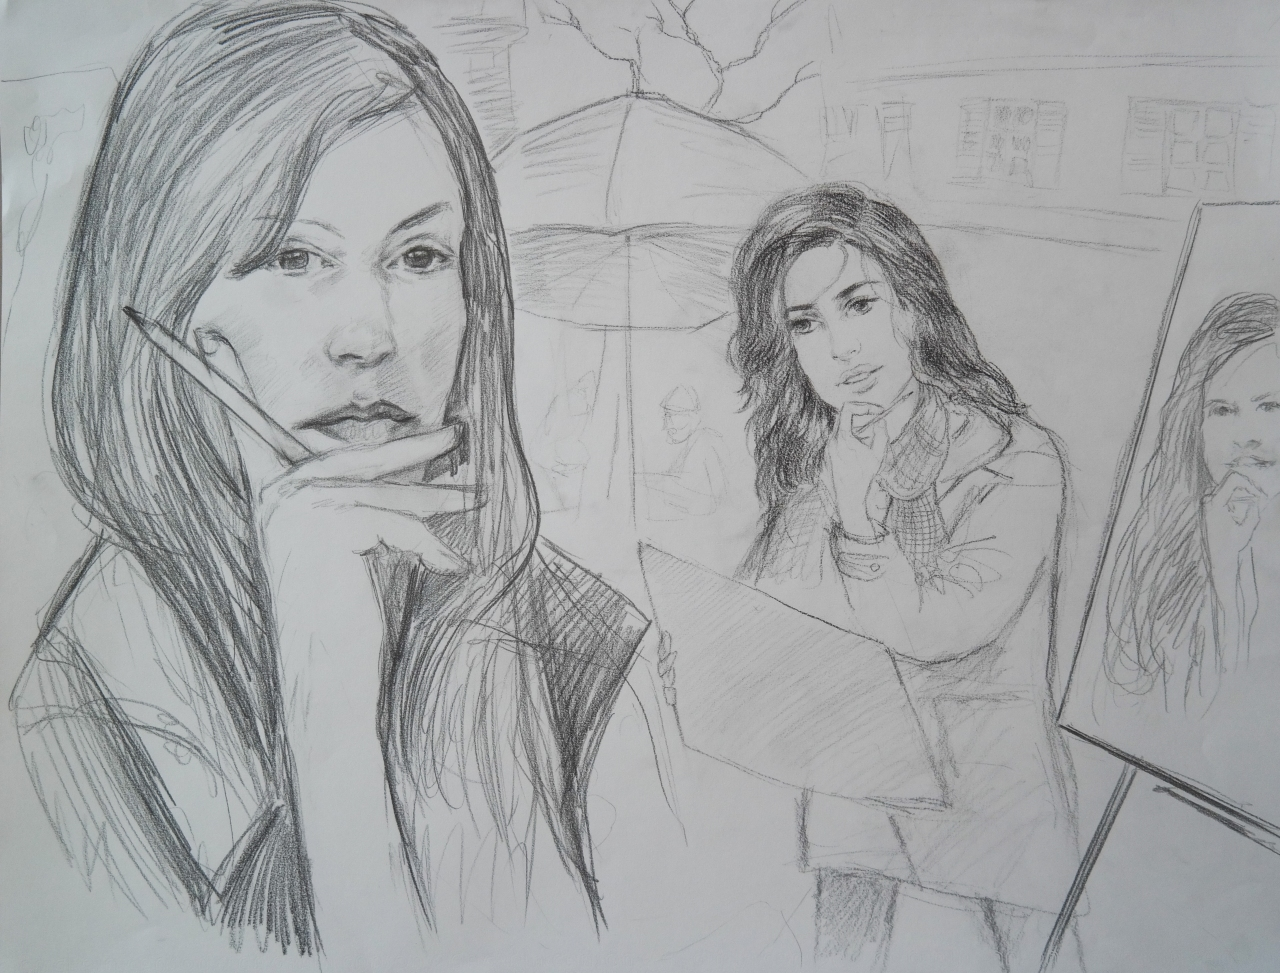 Isabelle Huppert - Pénelope Cruz